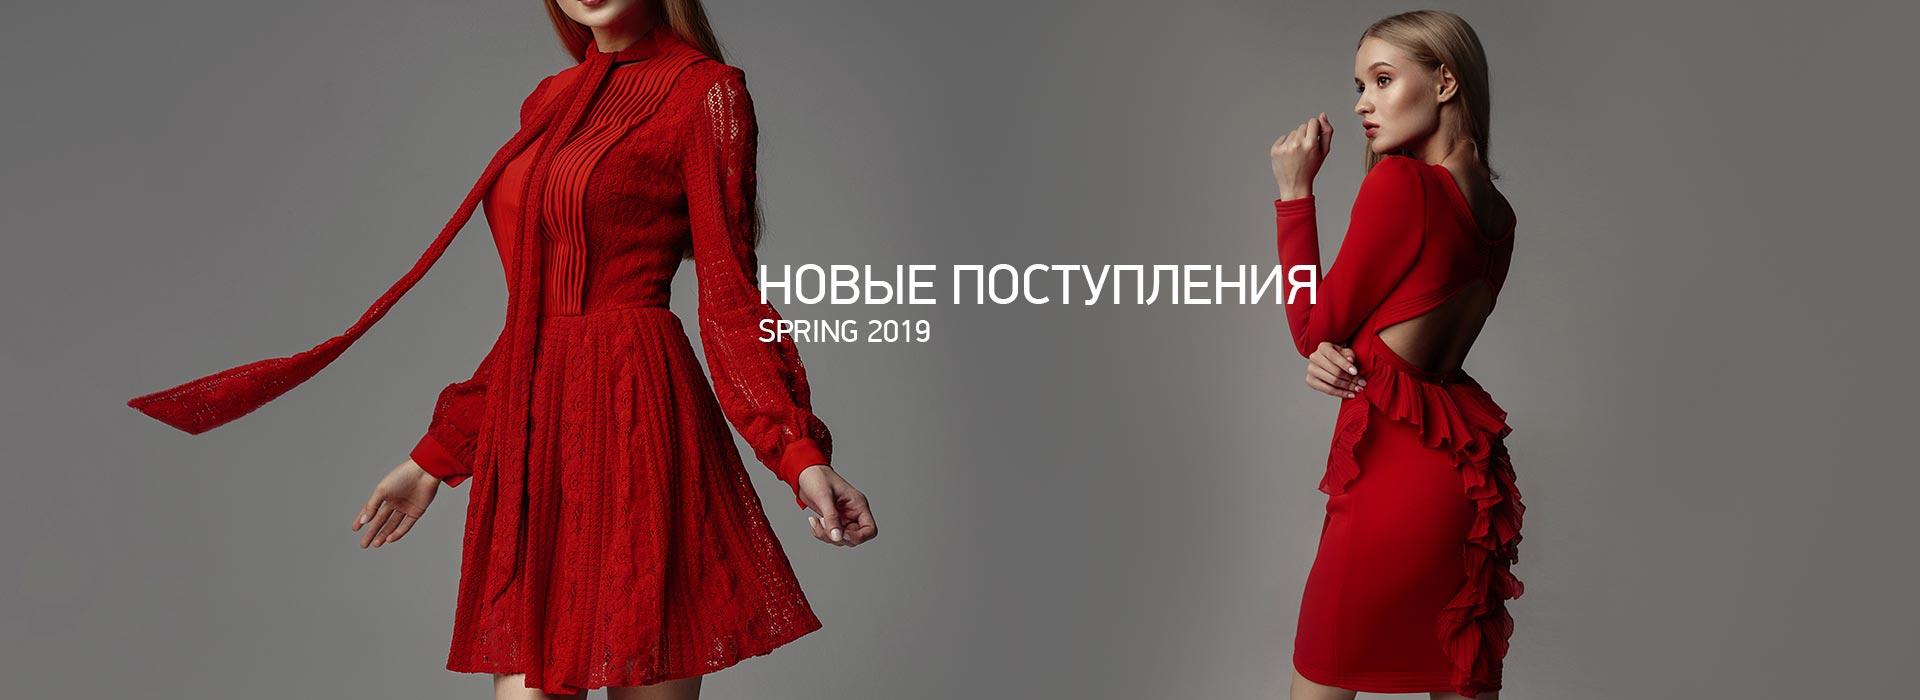 cbb9be16455 Интернет-магазин дизайнерской одежды